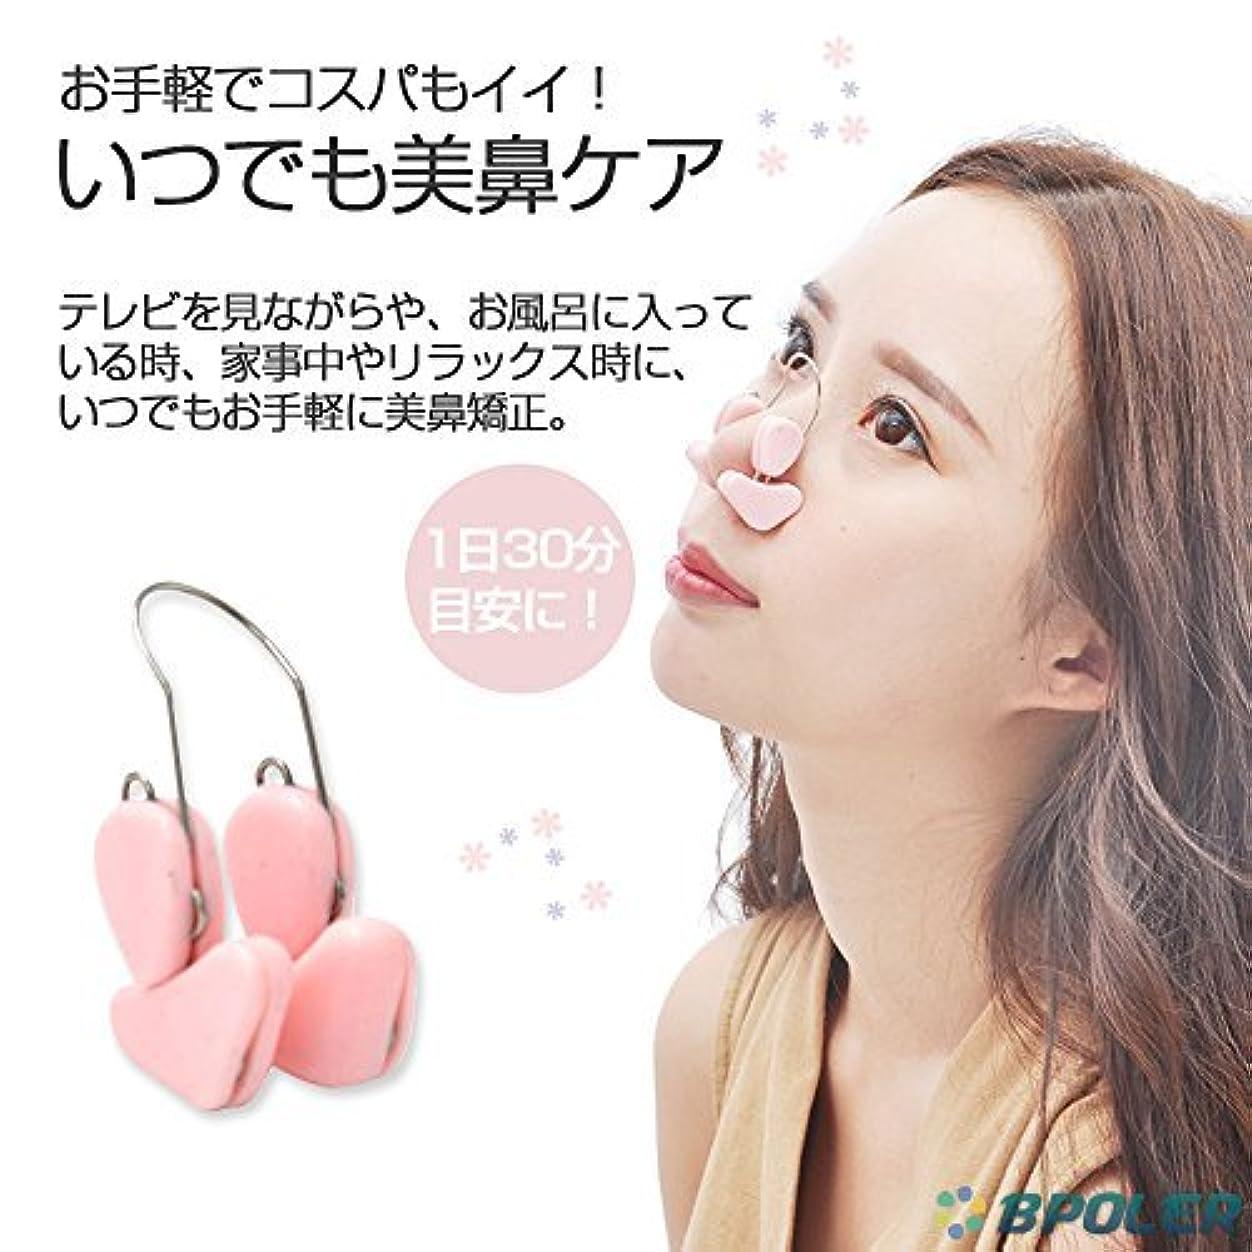 保護するモールス信号アーサーコナンドイルBPOLER(ビーポーラ) 鼻つん。クリップ 改良版クリア バージョンアップ シリコン柔らか リラックス効果あり つんと美鼻 美鼻メイク 簡単美鼻メイク 美鼻エクササイズ ノーズクリップセット しっかり矯正 つけるだけ簡単!美鼻に 1日約20分で美鼻グセ いつでも簡単美鼻メイク 安心の1年保障付き!取り扱い説明書入り BPOLERのみ!クリアケース入り 痛み軽減加工 (改良版クリア)